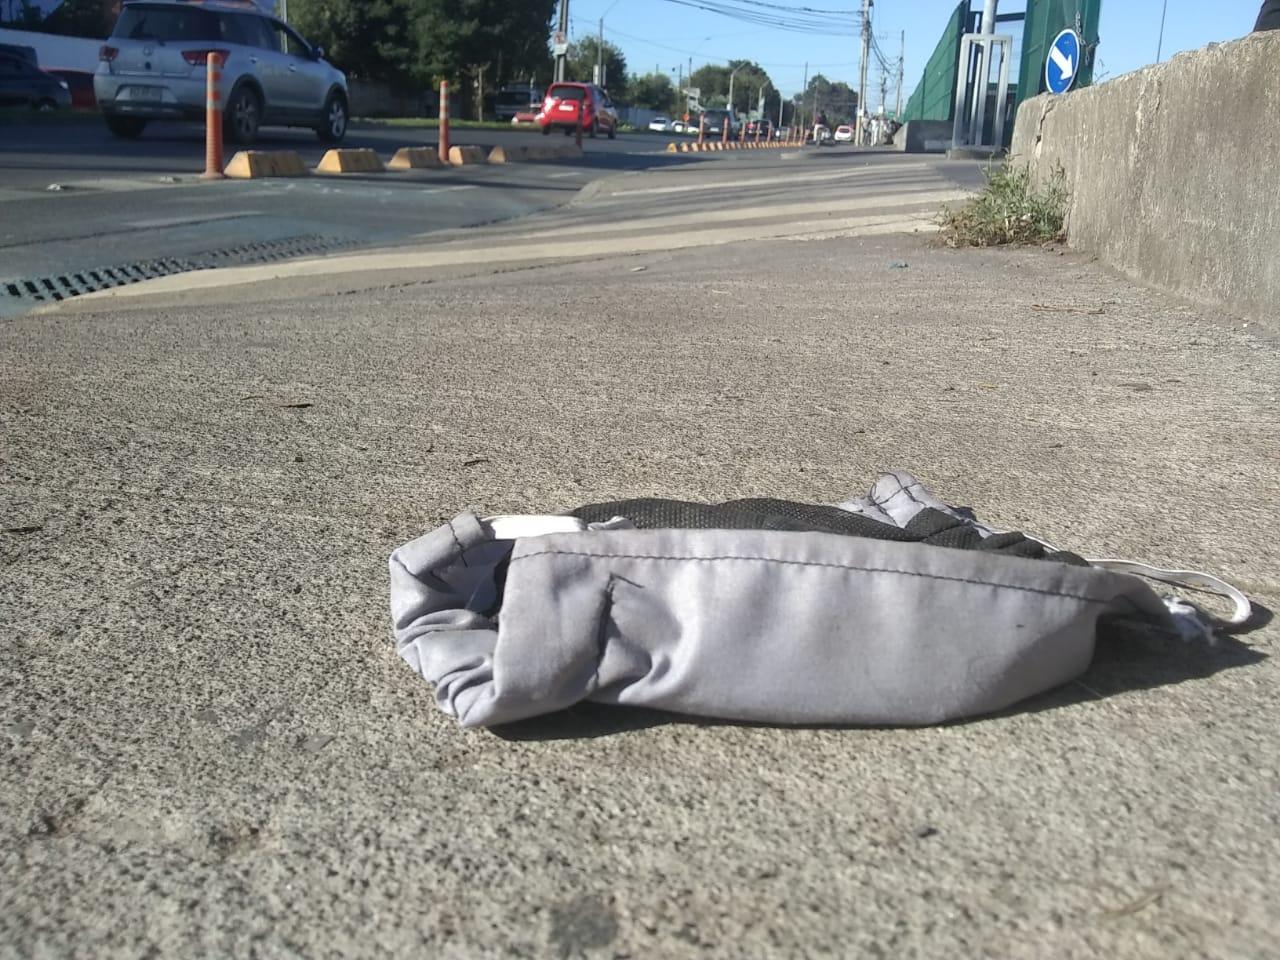 Preocupación por guantes y mascarillas botadas al suelo de Los Ángeles